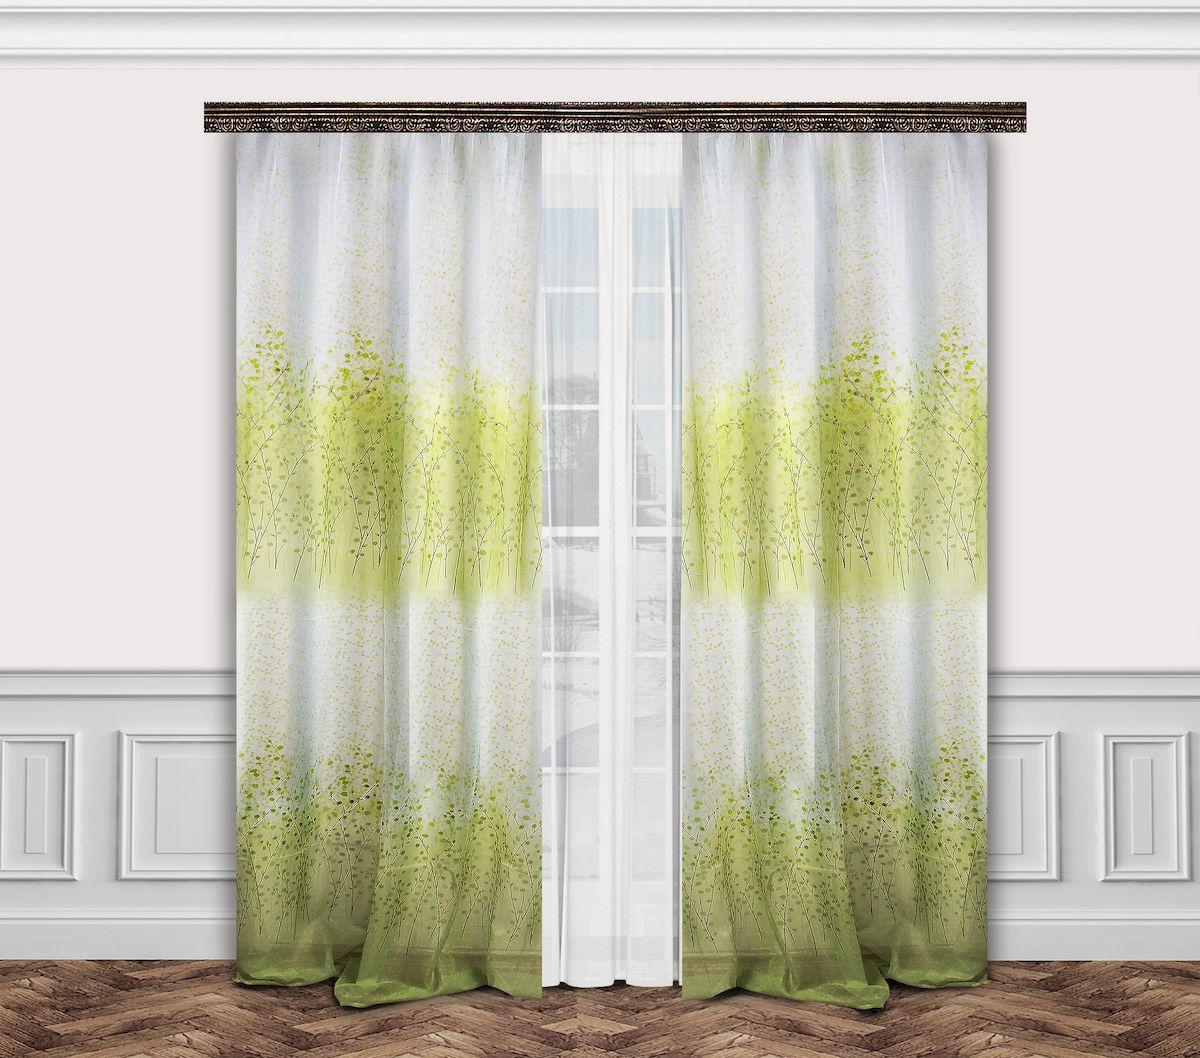 Комплект штор Zlata Korunka, на ленте, цвет: белый, салатовый, высота 260 см. 777003777003Комплект штор Zlata Korunka, выполненный из полиэстера, великолепно украсит любое окно. Комплект состоит из тюля, двух штор и двух подхватов. Оригинальный рисунок и приятная цветовая гамма привлекут к себе внимание и органично впишутся в интерьер помещения. Этот комплект будет долгое время радовать вас и вашу семью!Комплект крепится на карниз при помощи ленты, которая поможет красиво и равномерно задрапировать верх.В комплект входит: Тюль: 1 шт. Размер (Ш х В): 350 см х 260 см. Штора: 2 шт. Размер (Ш х В): 160 см х 260 см.Подхват: 2 шт.